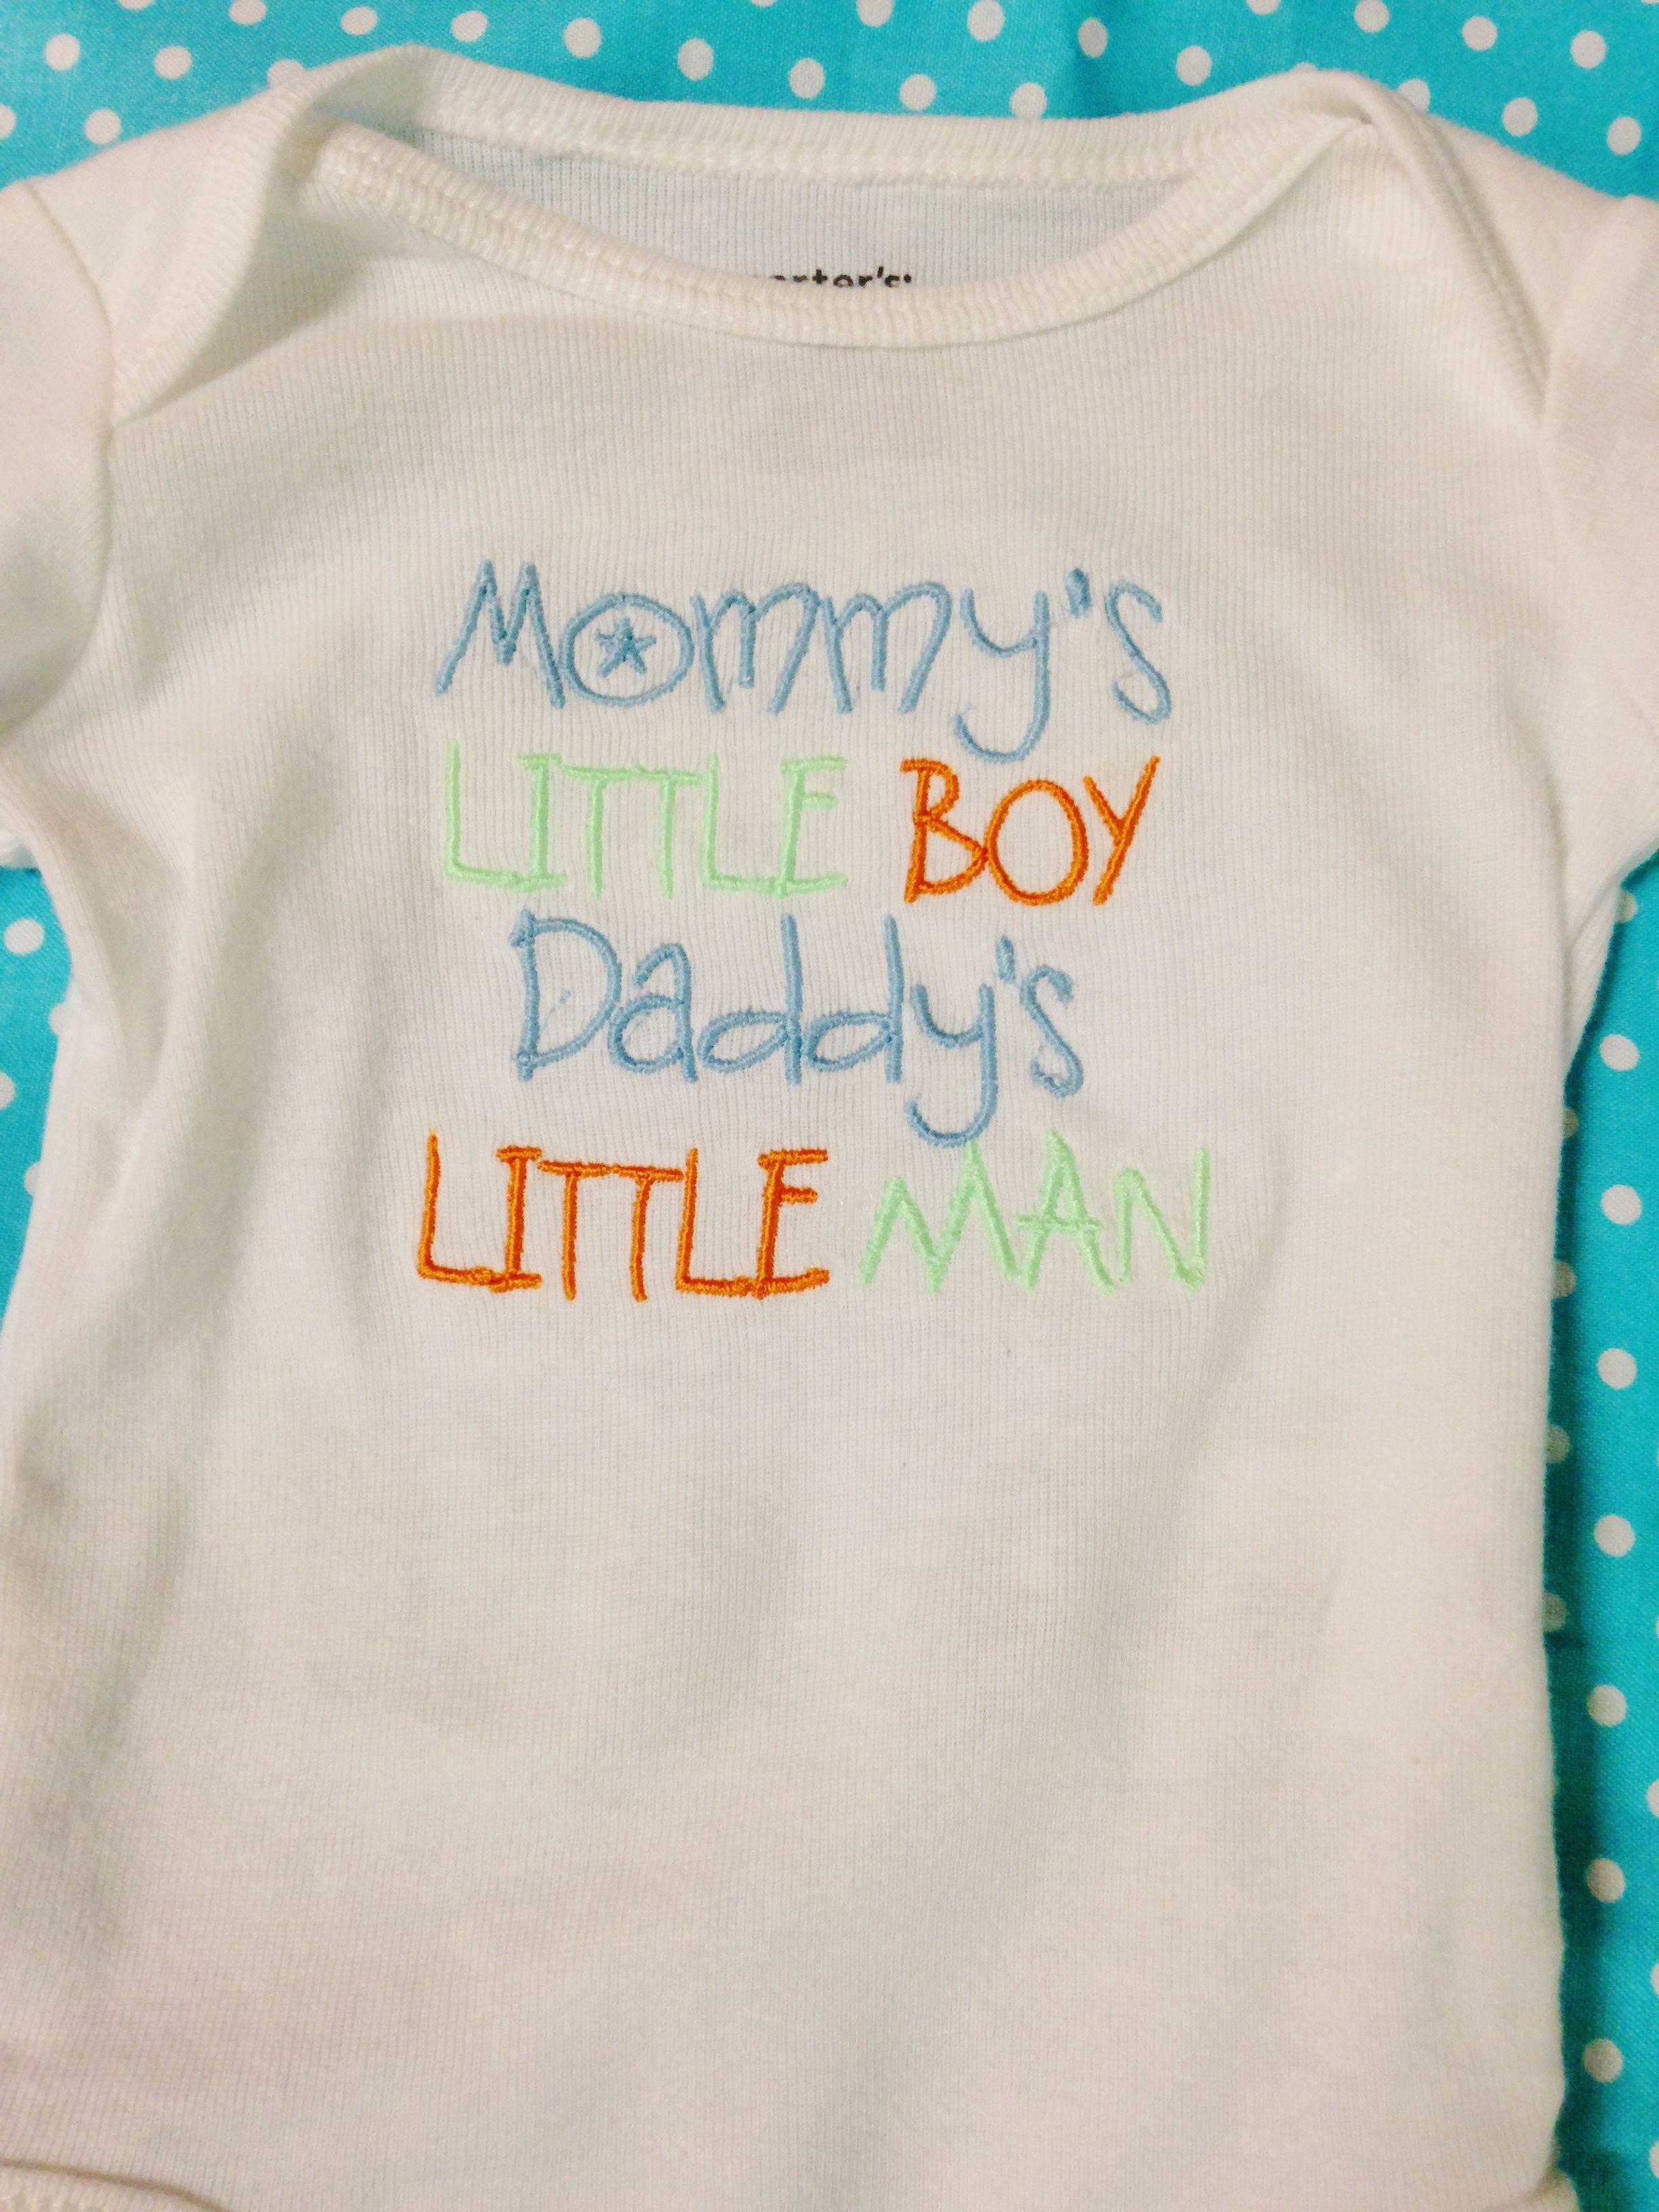 ffc18debb1b0 Mommy s Little Boy Daddy s Little Man - Embroidered Onesie